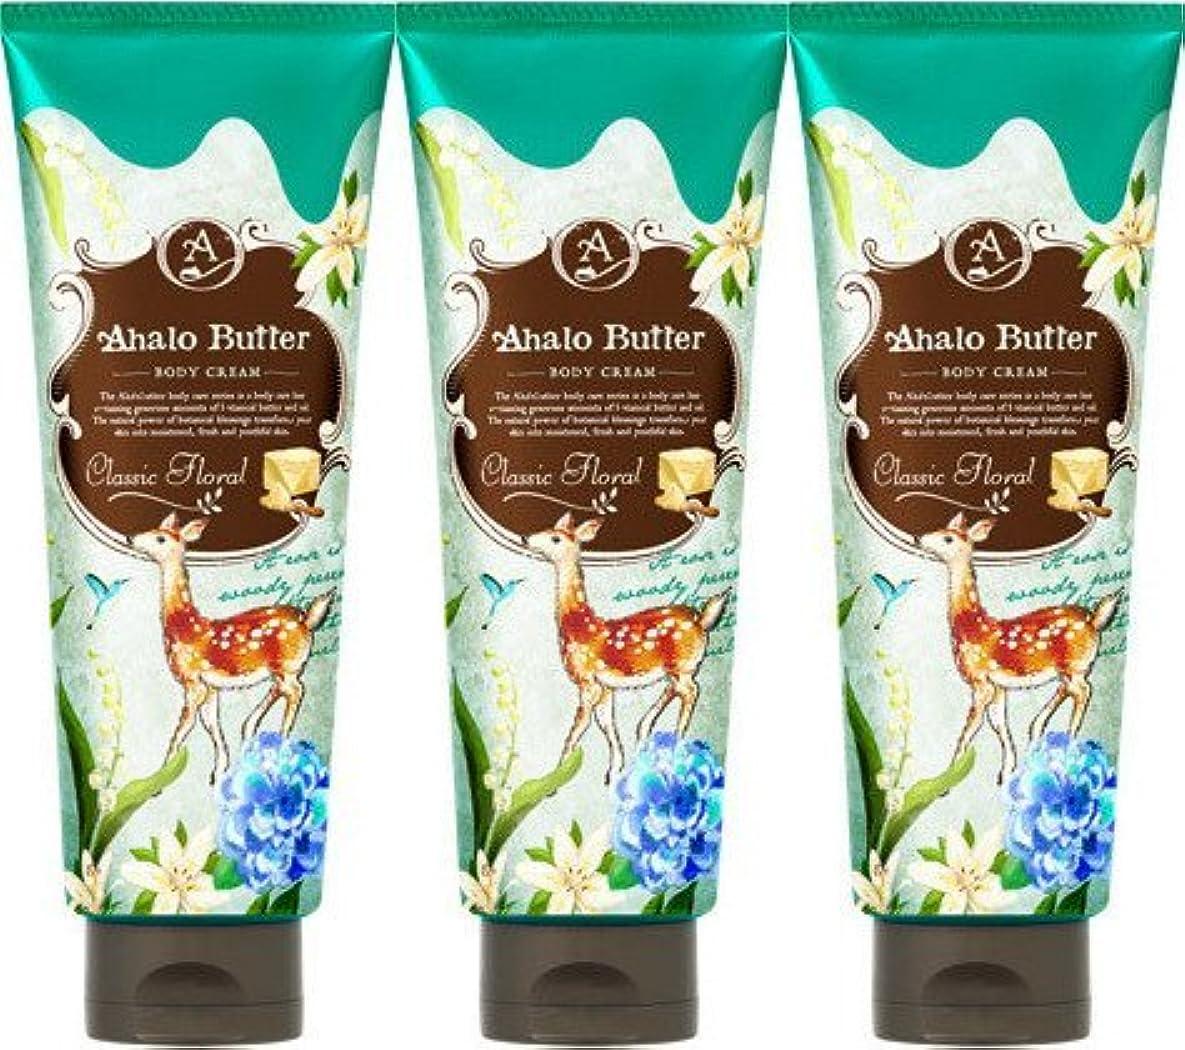 続けるフィクションジョージバーナード【3個セット】Ahalo butter(アハロバター) ボディクリーム クラシックフローラル 150g